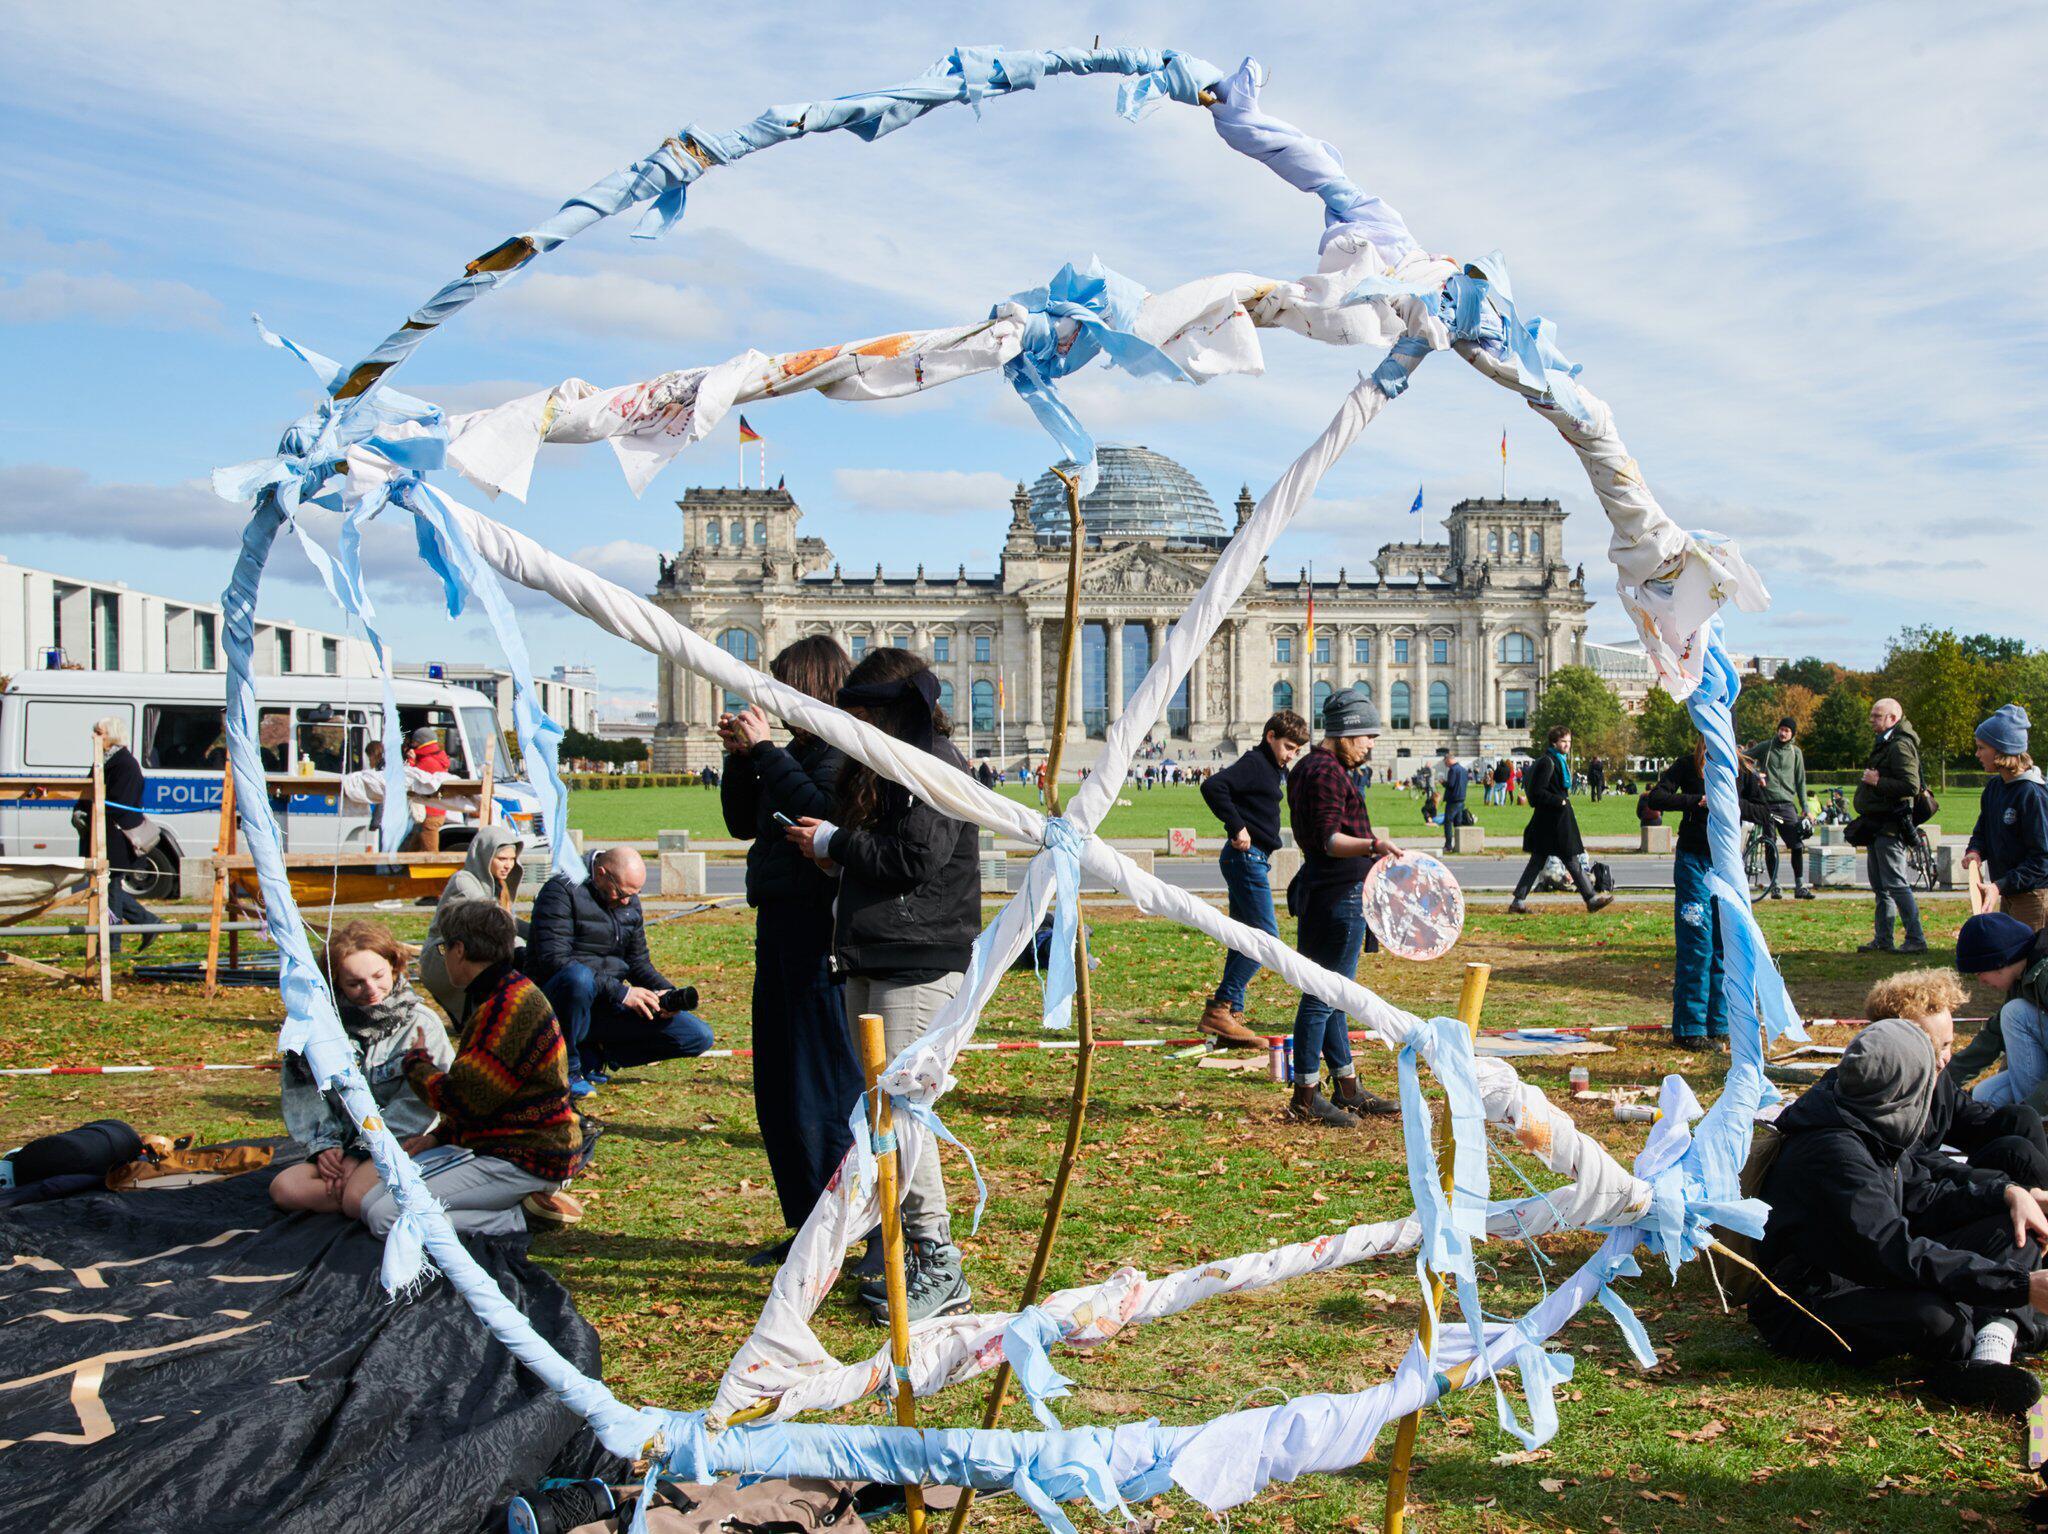 Bild zu Camp der Klimaschutzbewegung Extinction Rebellion